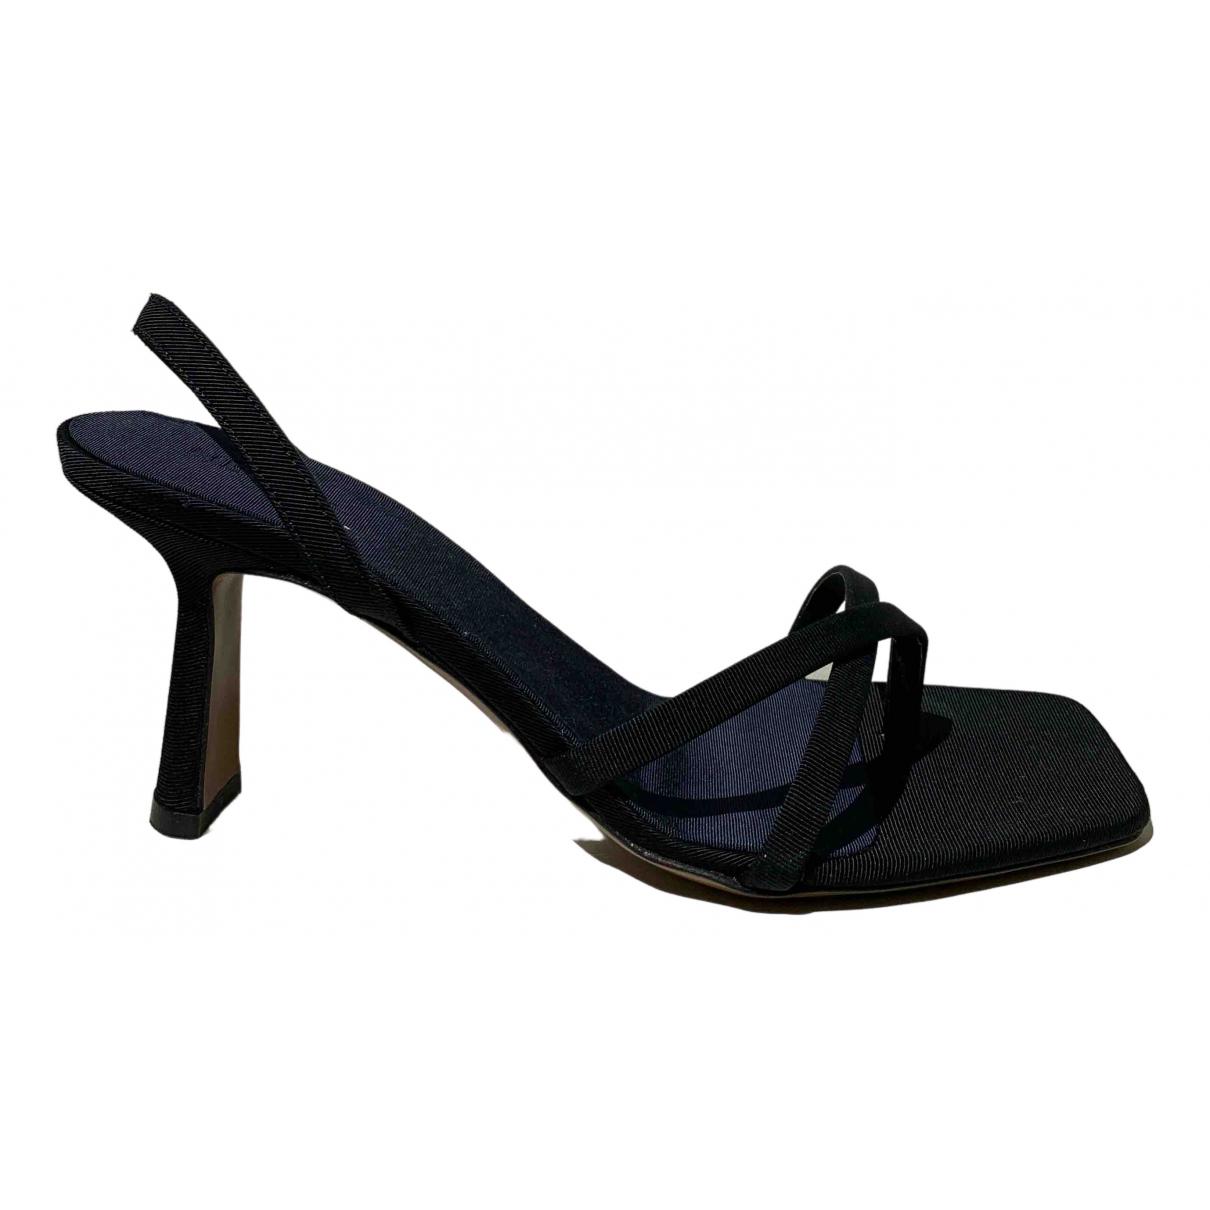 Neous - Sandales   pour femme en toile - noir